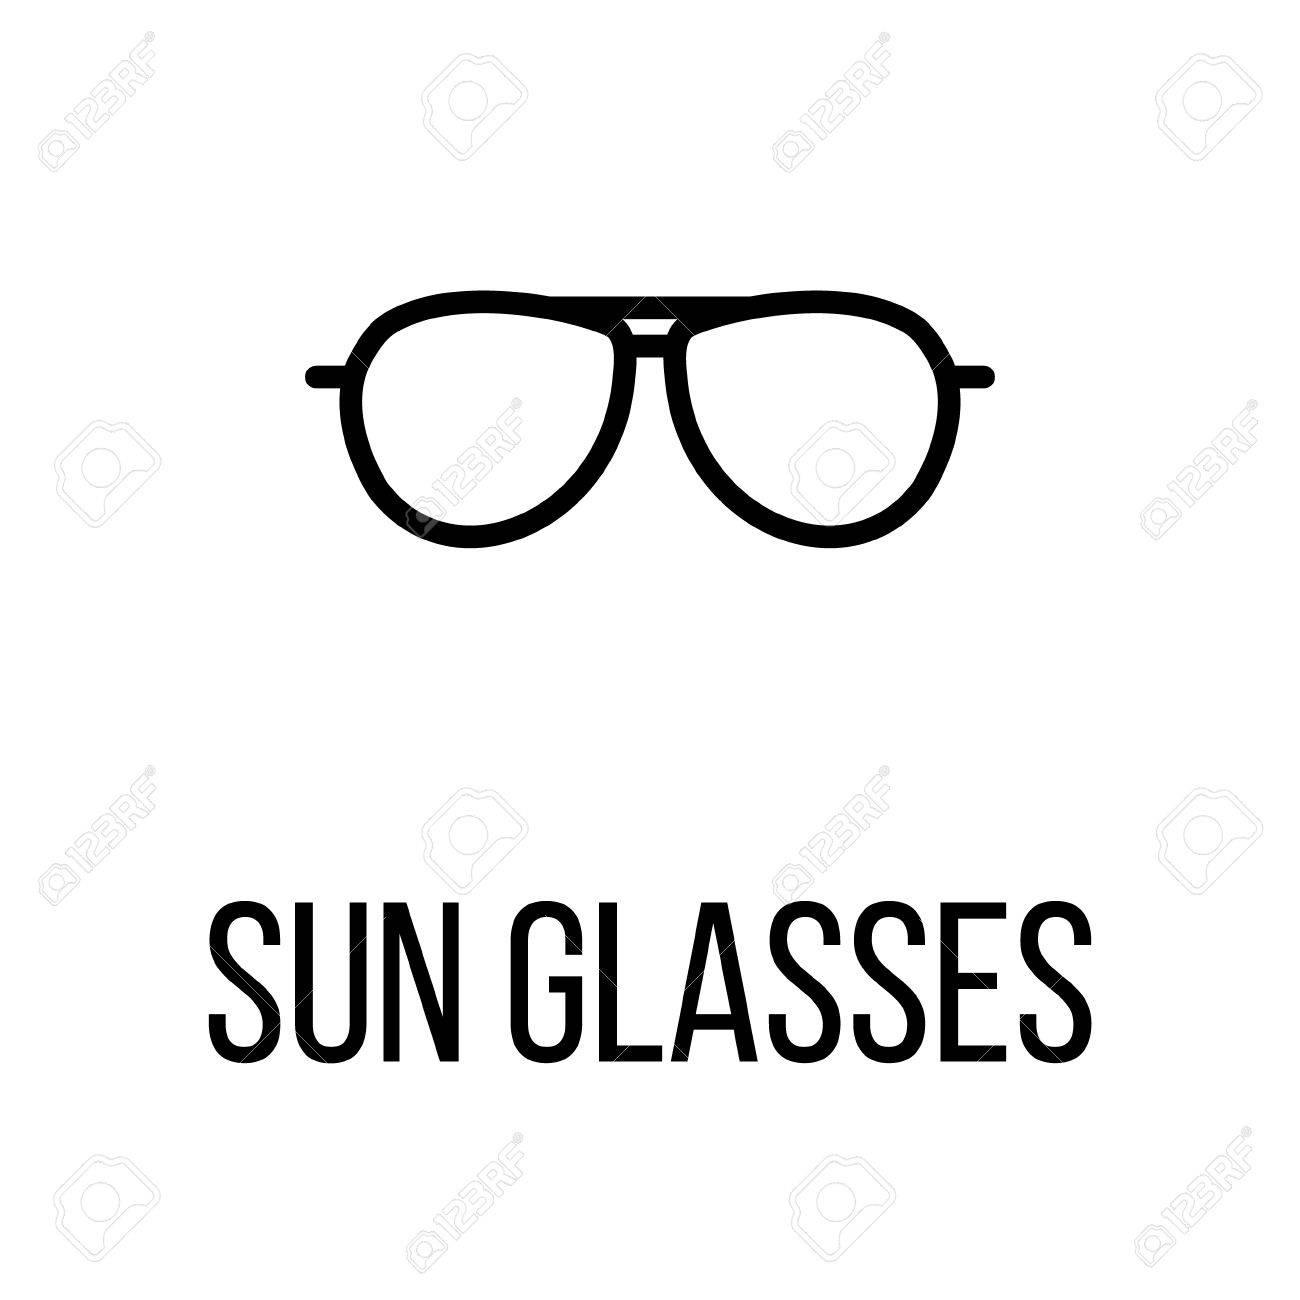 meilleures offres sur super mignon prix limité L'icône des lunettes de soleil ou le logo dans un style de ligne moderne.  Pictogramme noir de haute qualité pour la conception de sites Web et les ...